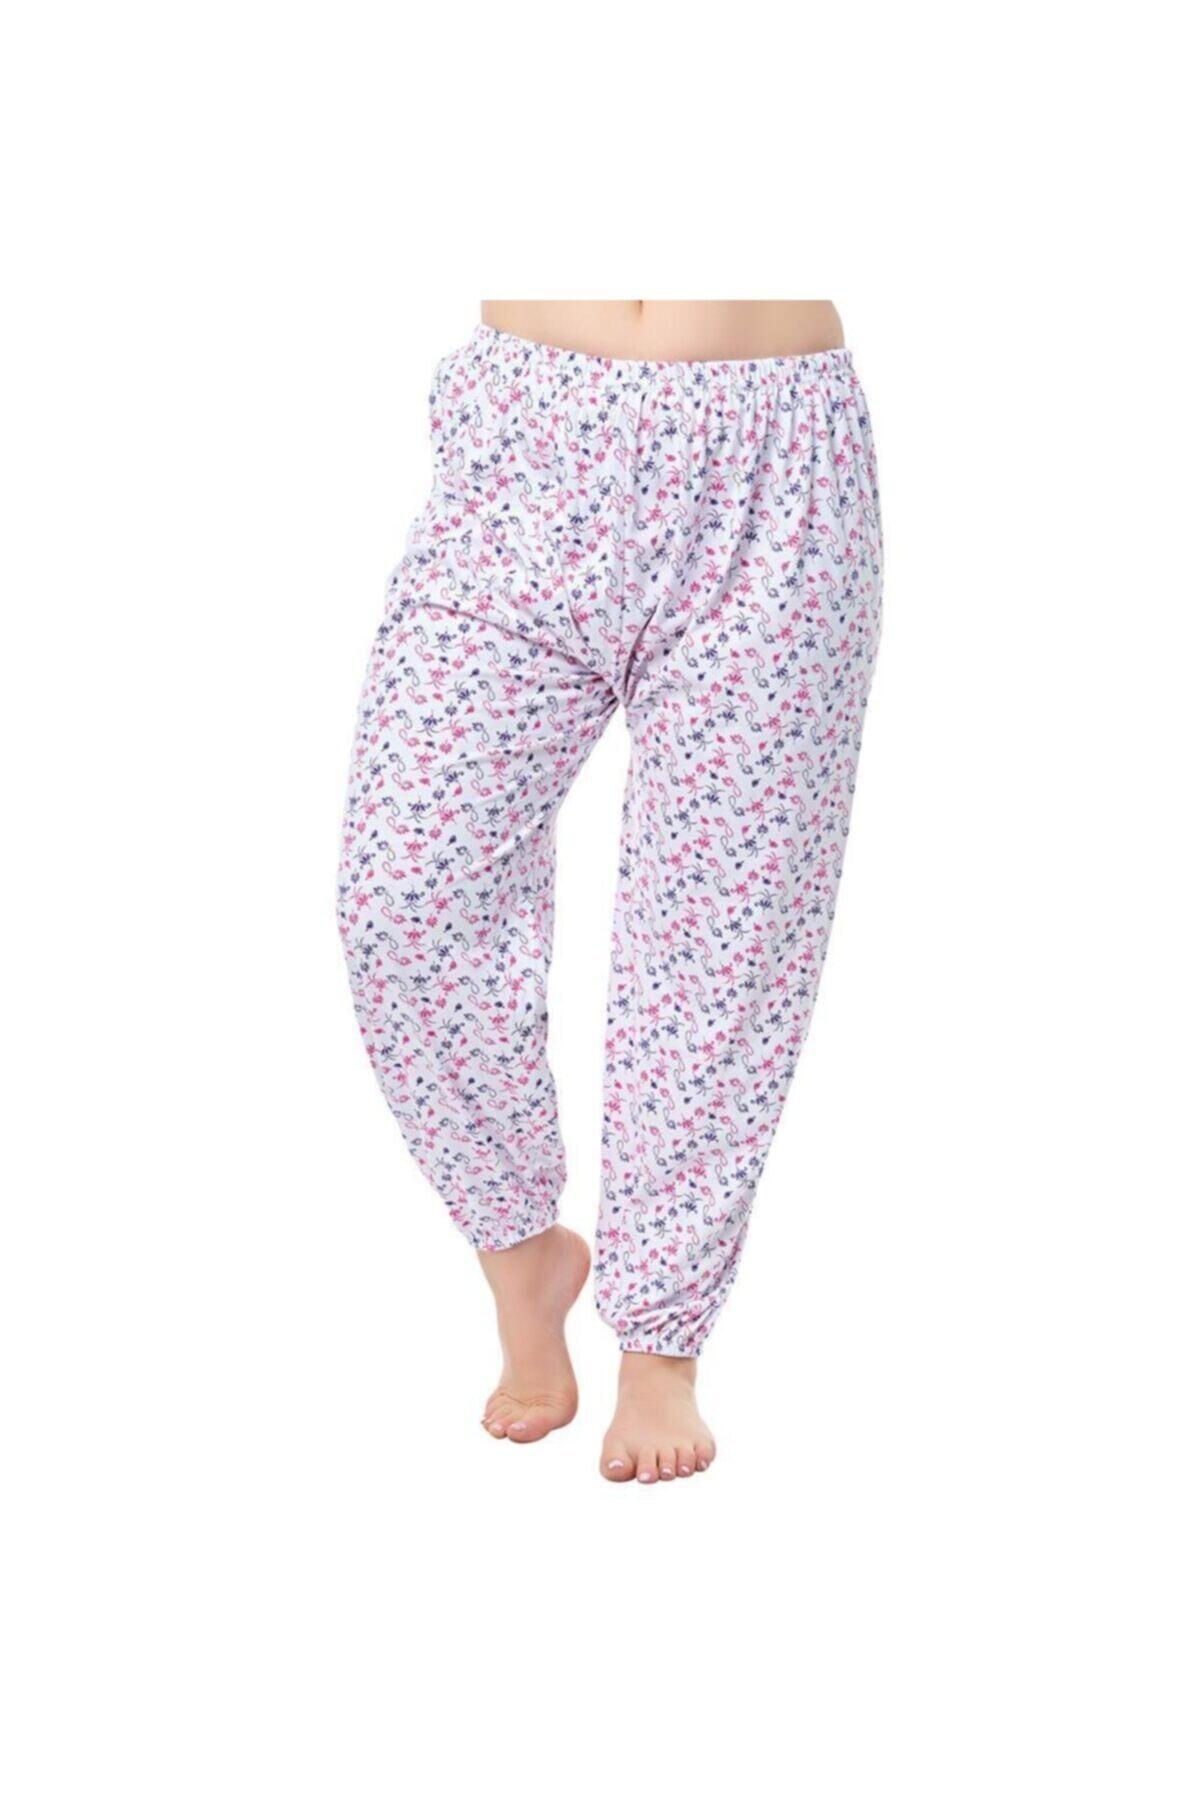 Ören Yıldız Çamaşırları Kadın 2'li Kışlık Beyaz Desenli Lastikli Uzun Pijama Altı 1